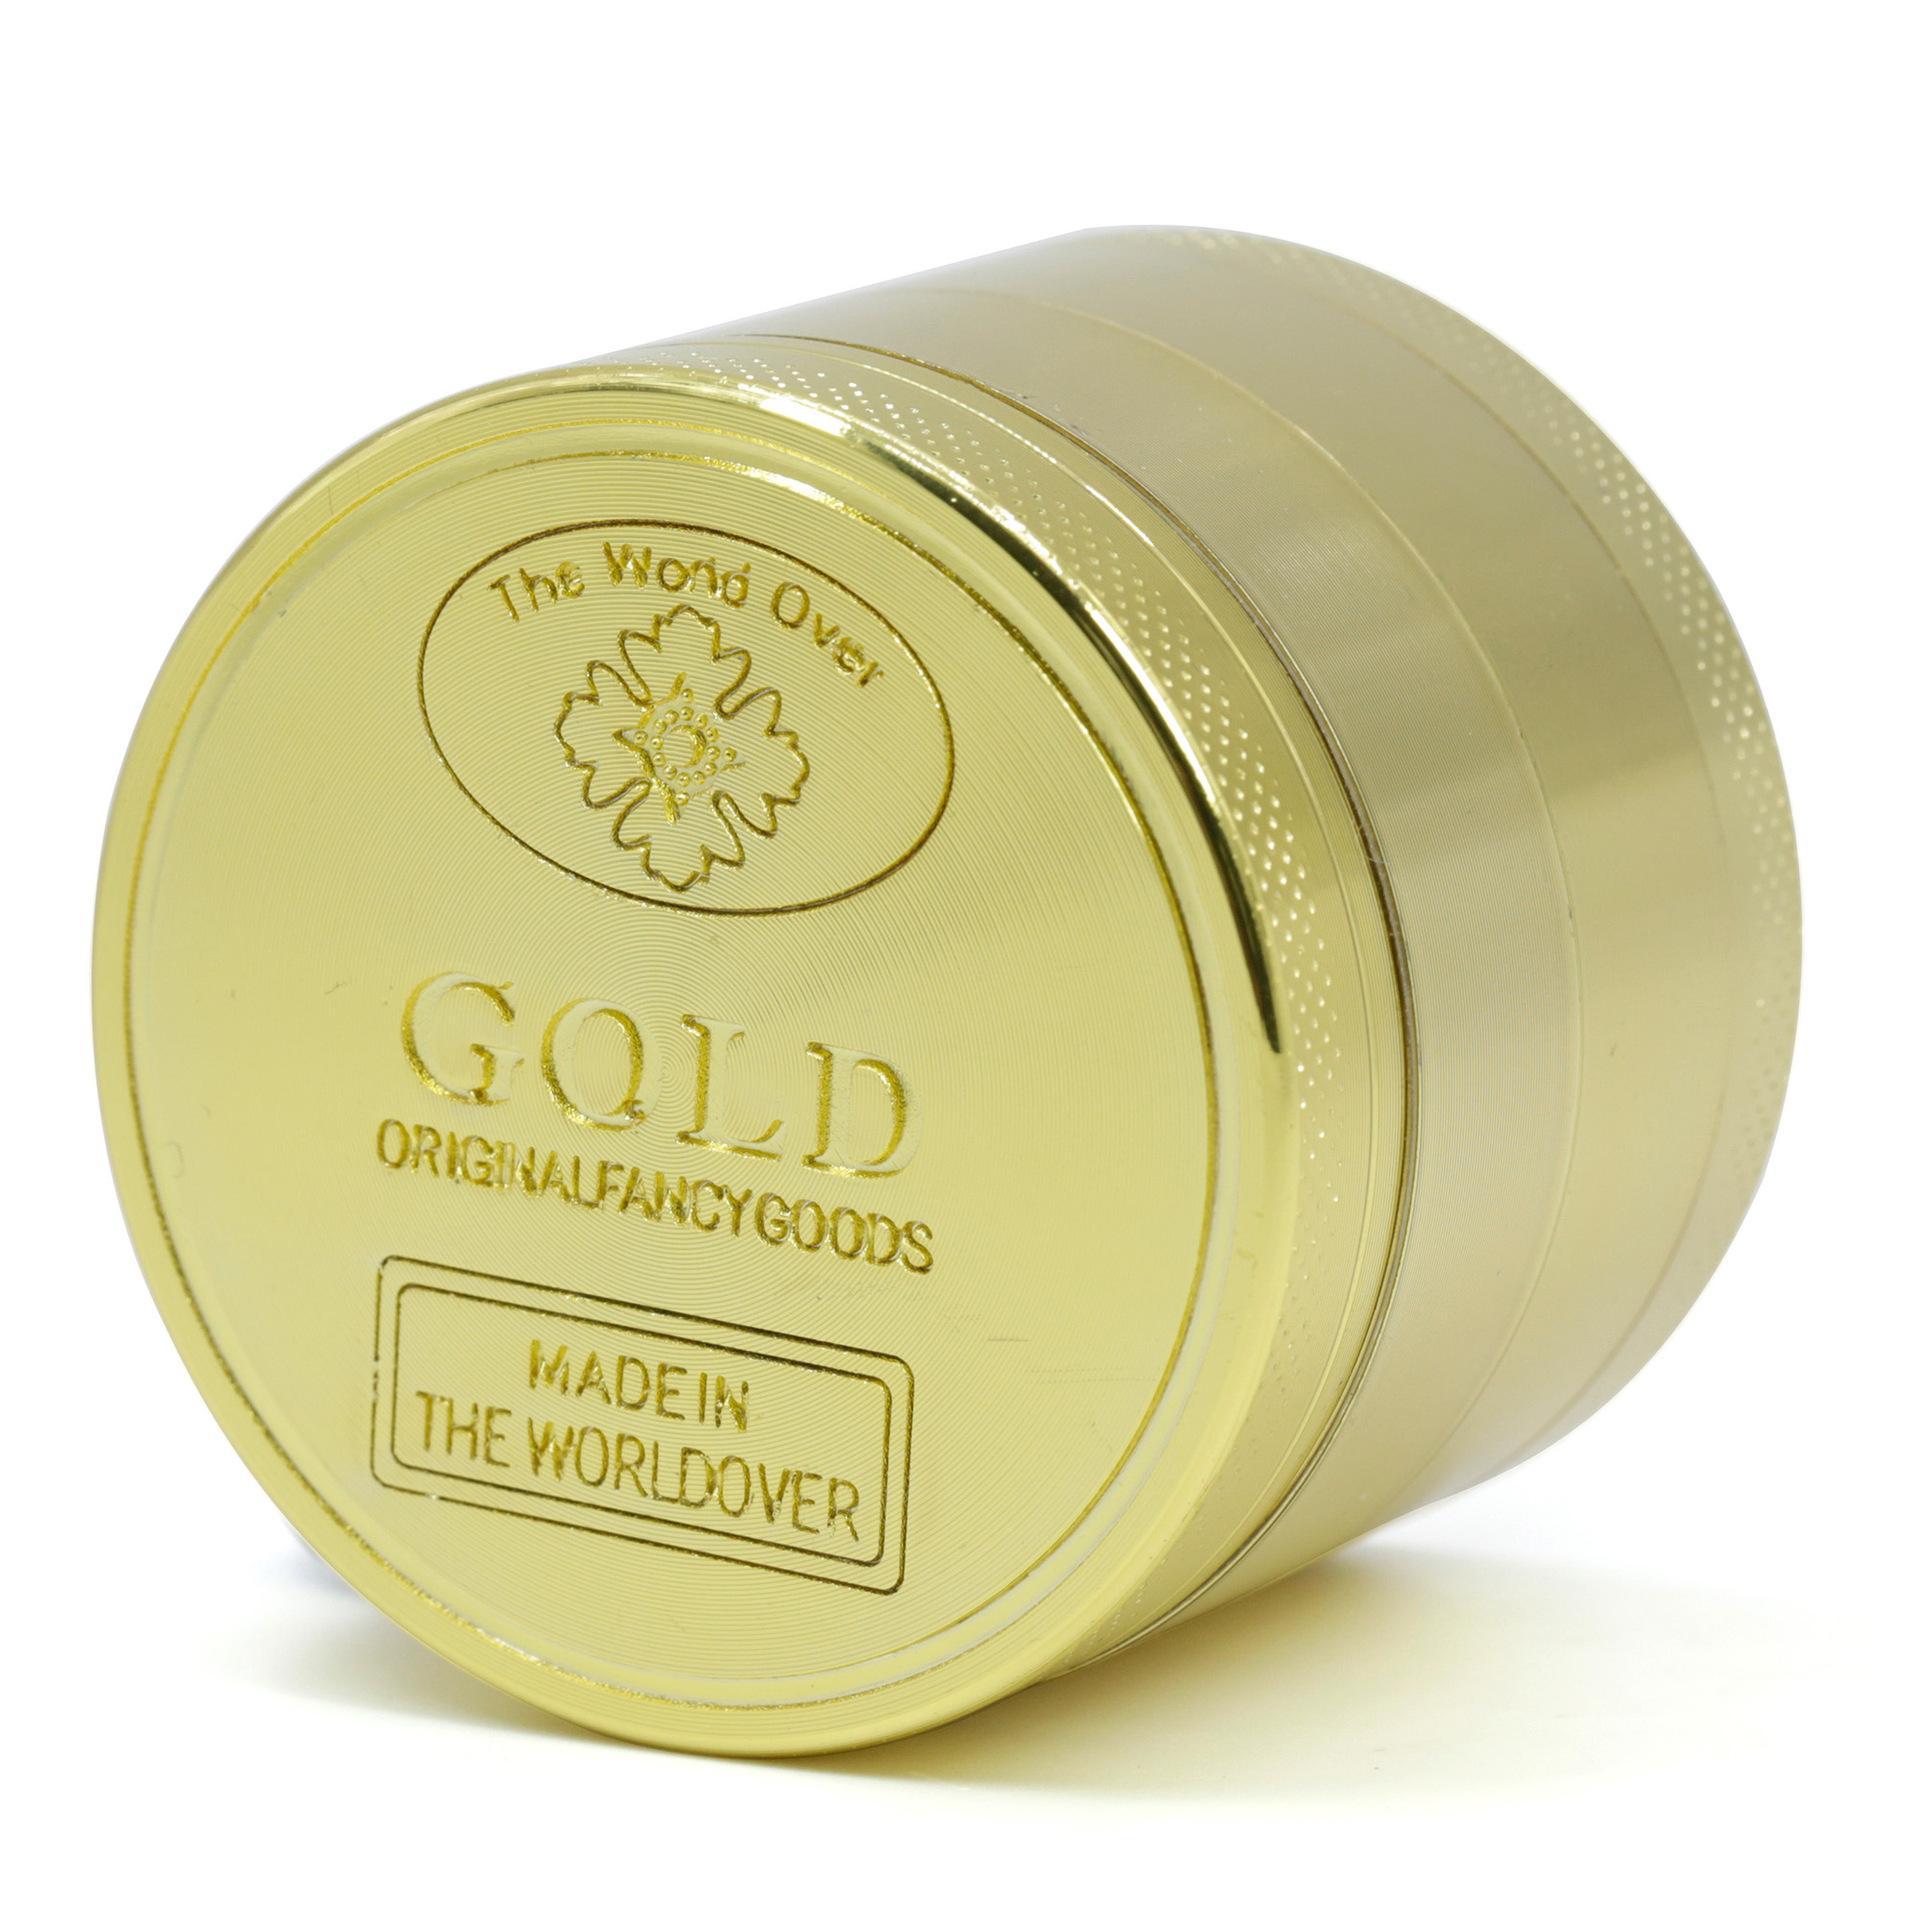 ORO Tabaco Grinder 50mm 4 capas de aleación de metal Tabaco amoladoras moleta de la mano pimienta molinos fumadores 120pcs Accesorios CCA12097